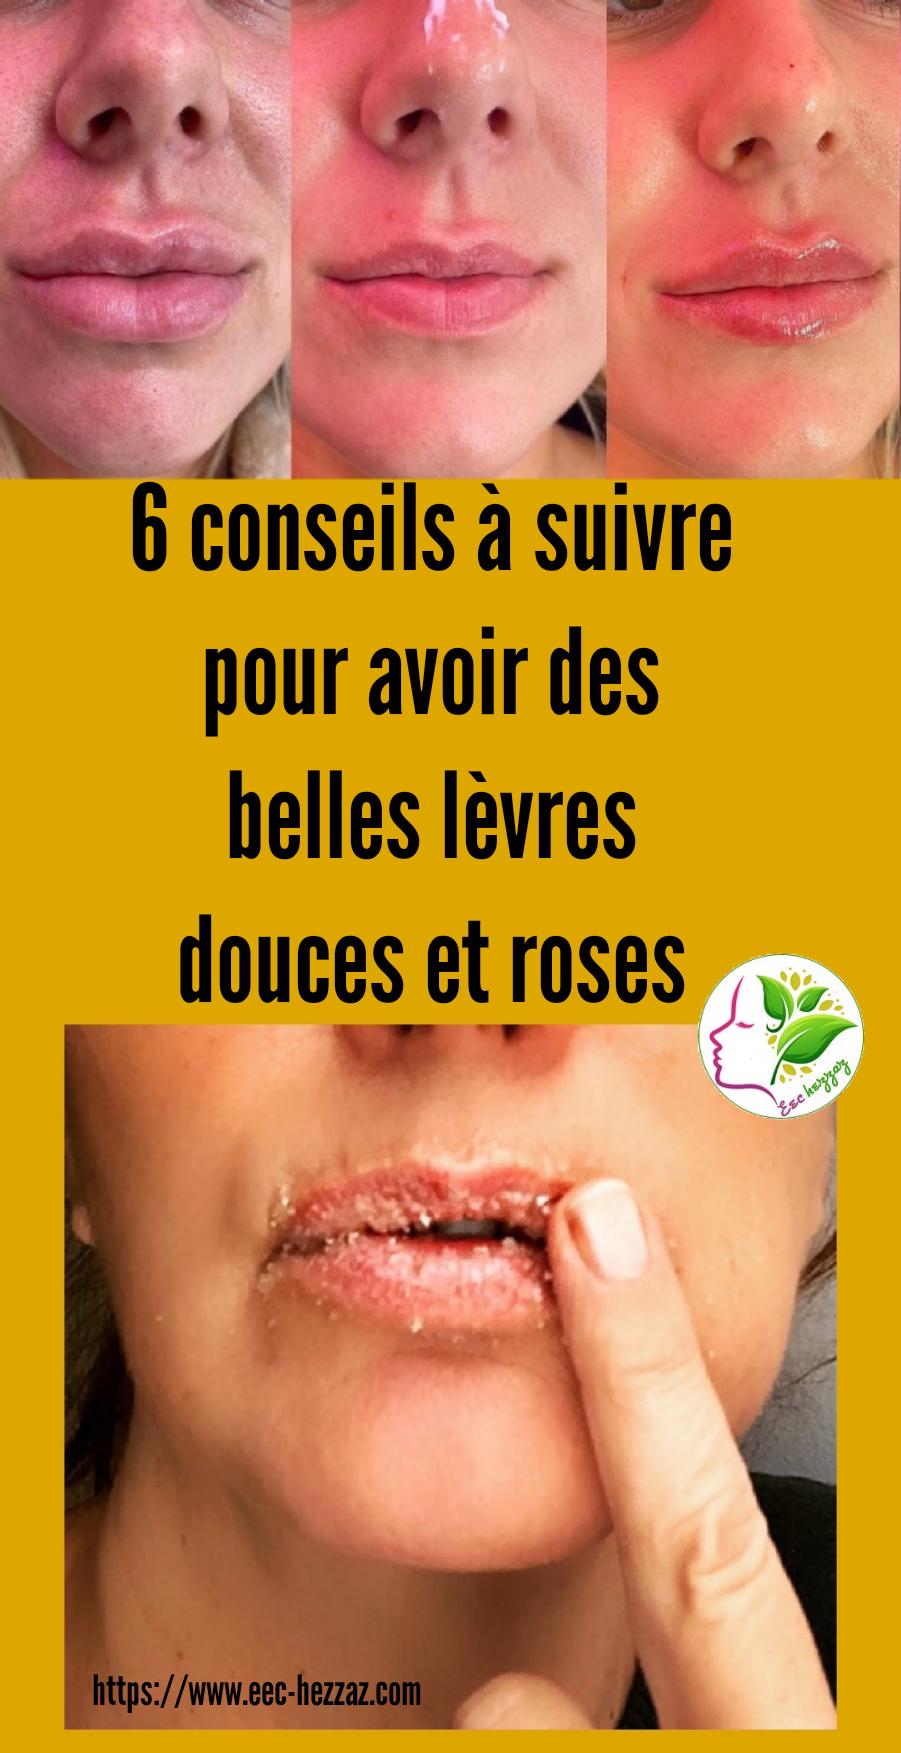 6 conseils à suivre pour avoir des belles lèvres douces et roses